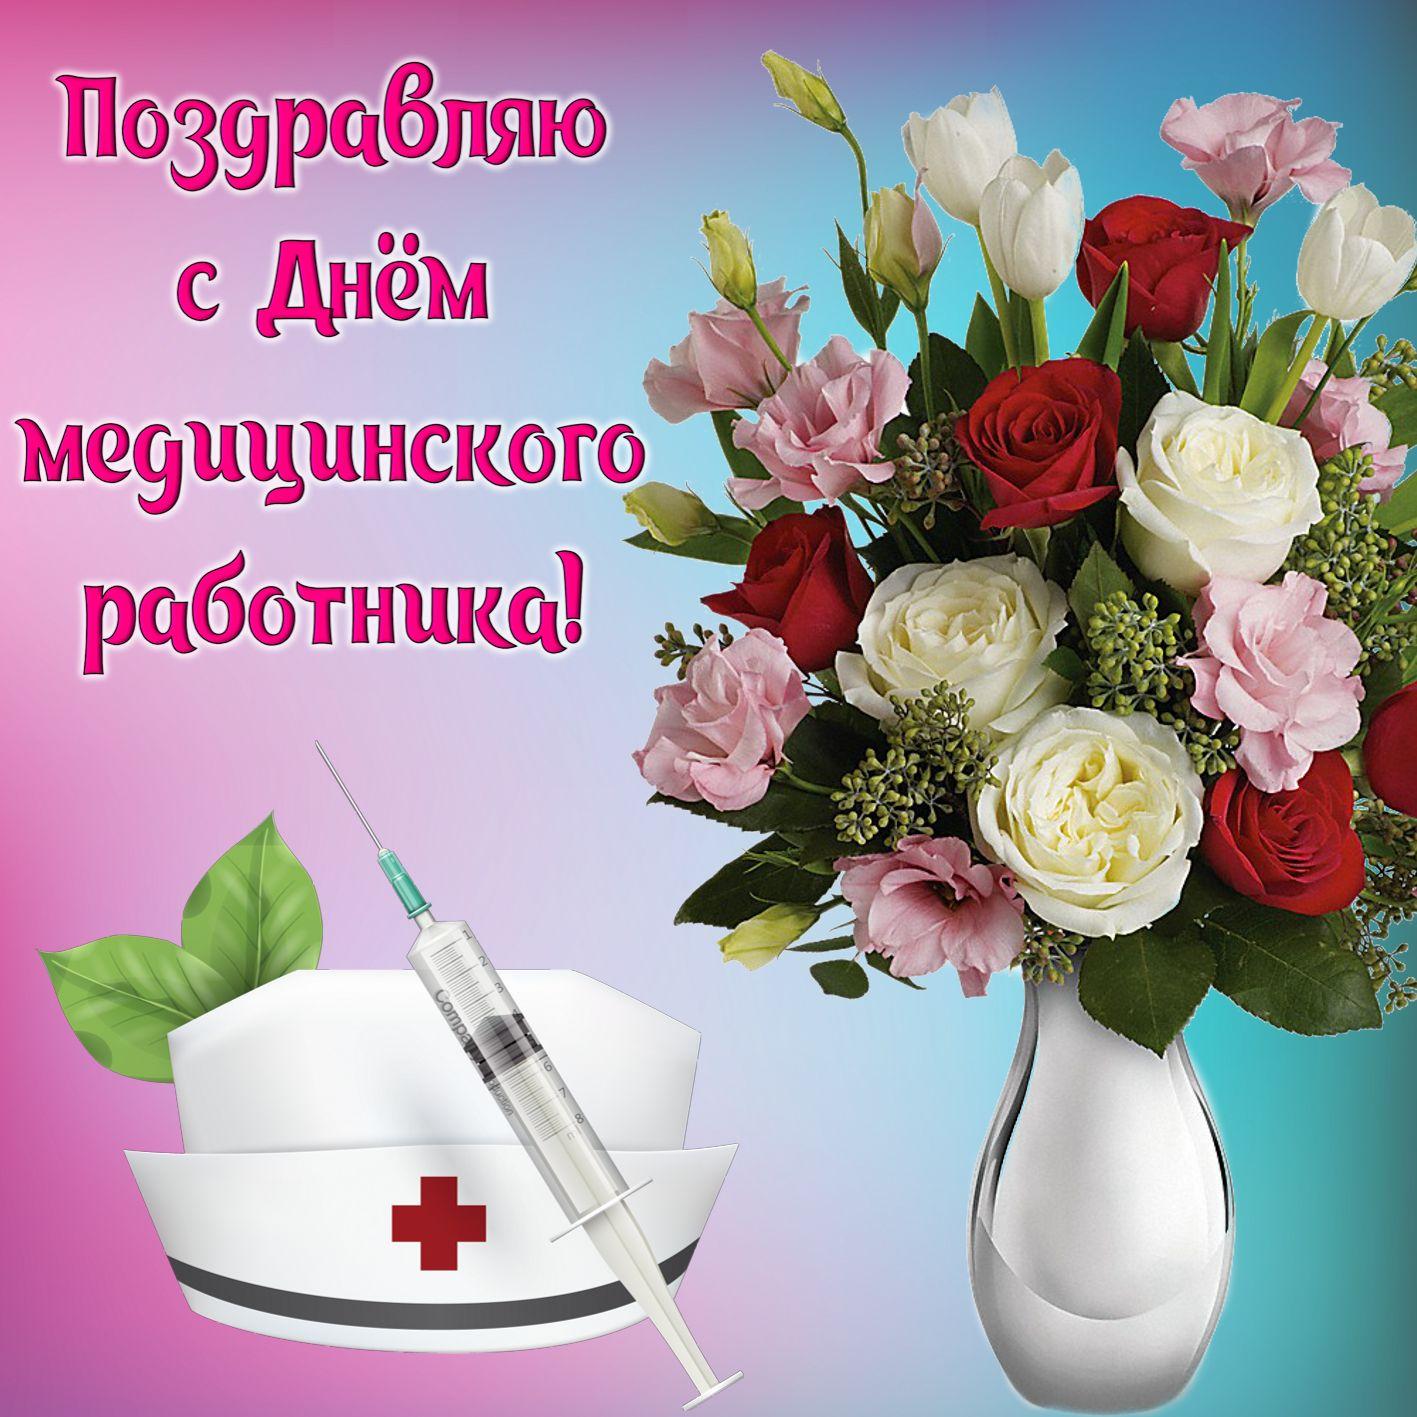 торжественное поздравление на день медработника дом